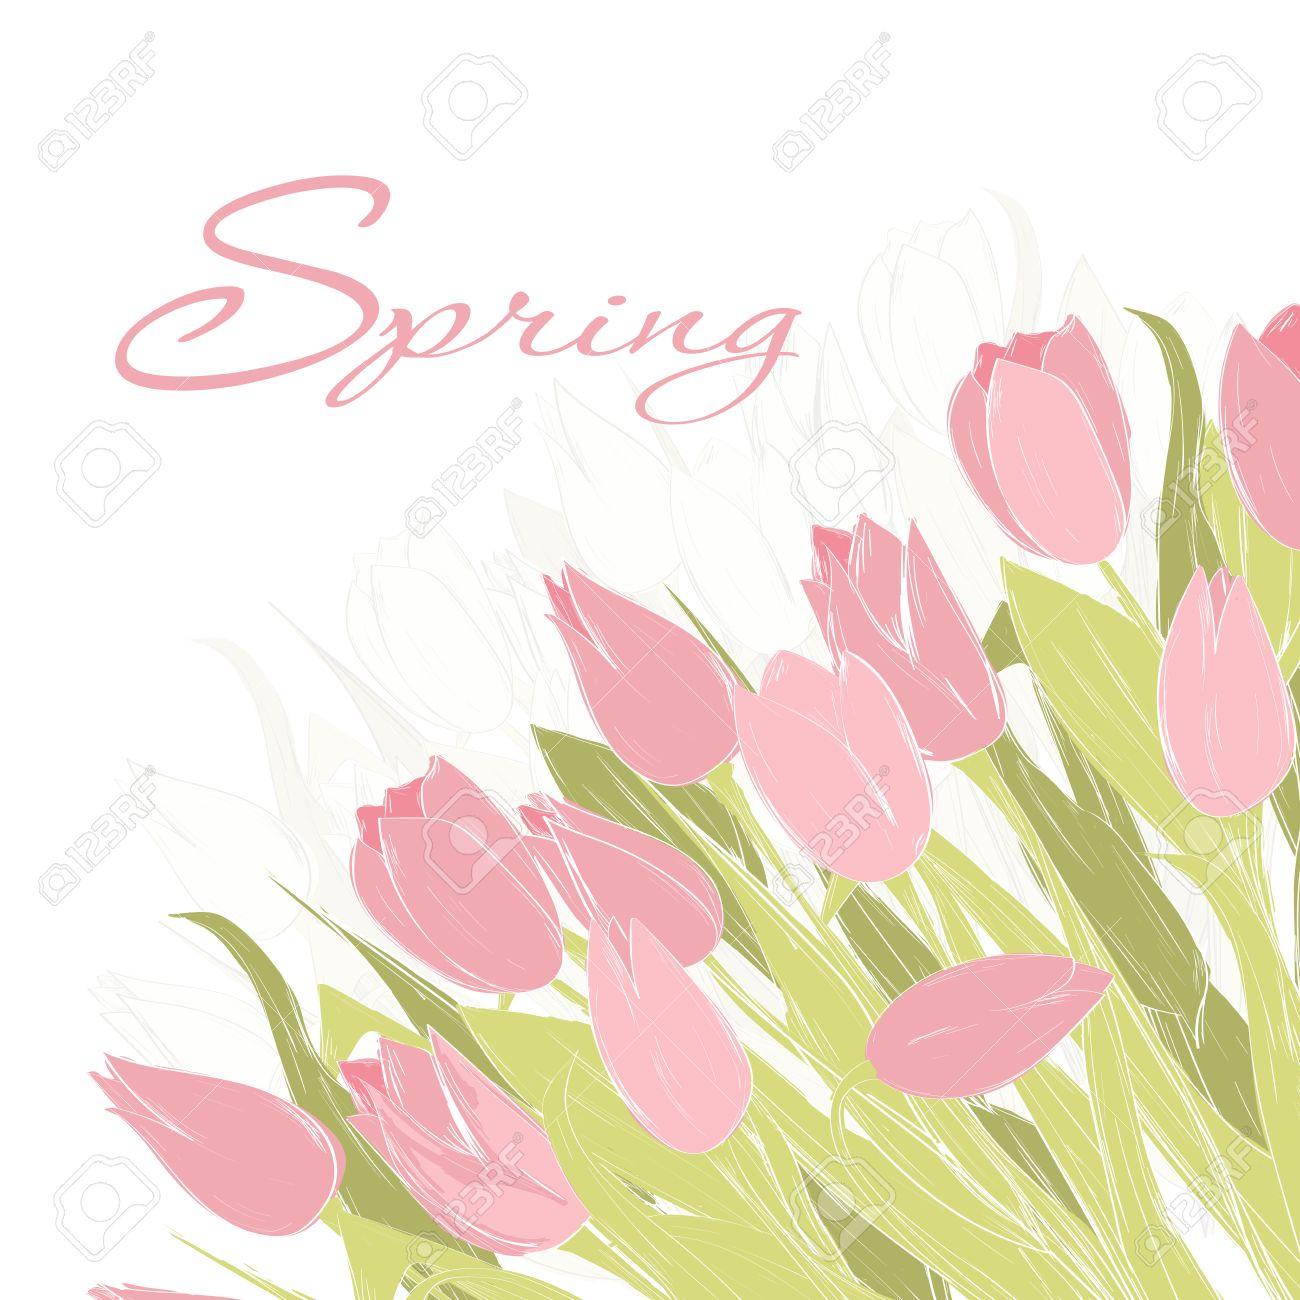 cheap hand gezeichnet frhling tulpe blumen frhling grukarte einladung vorlage fr ihre with frhling vorlagen blumen